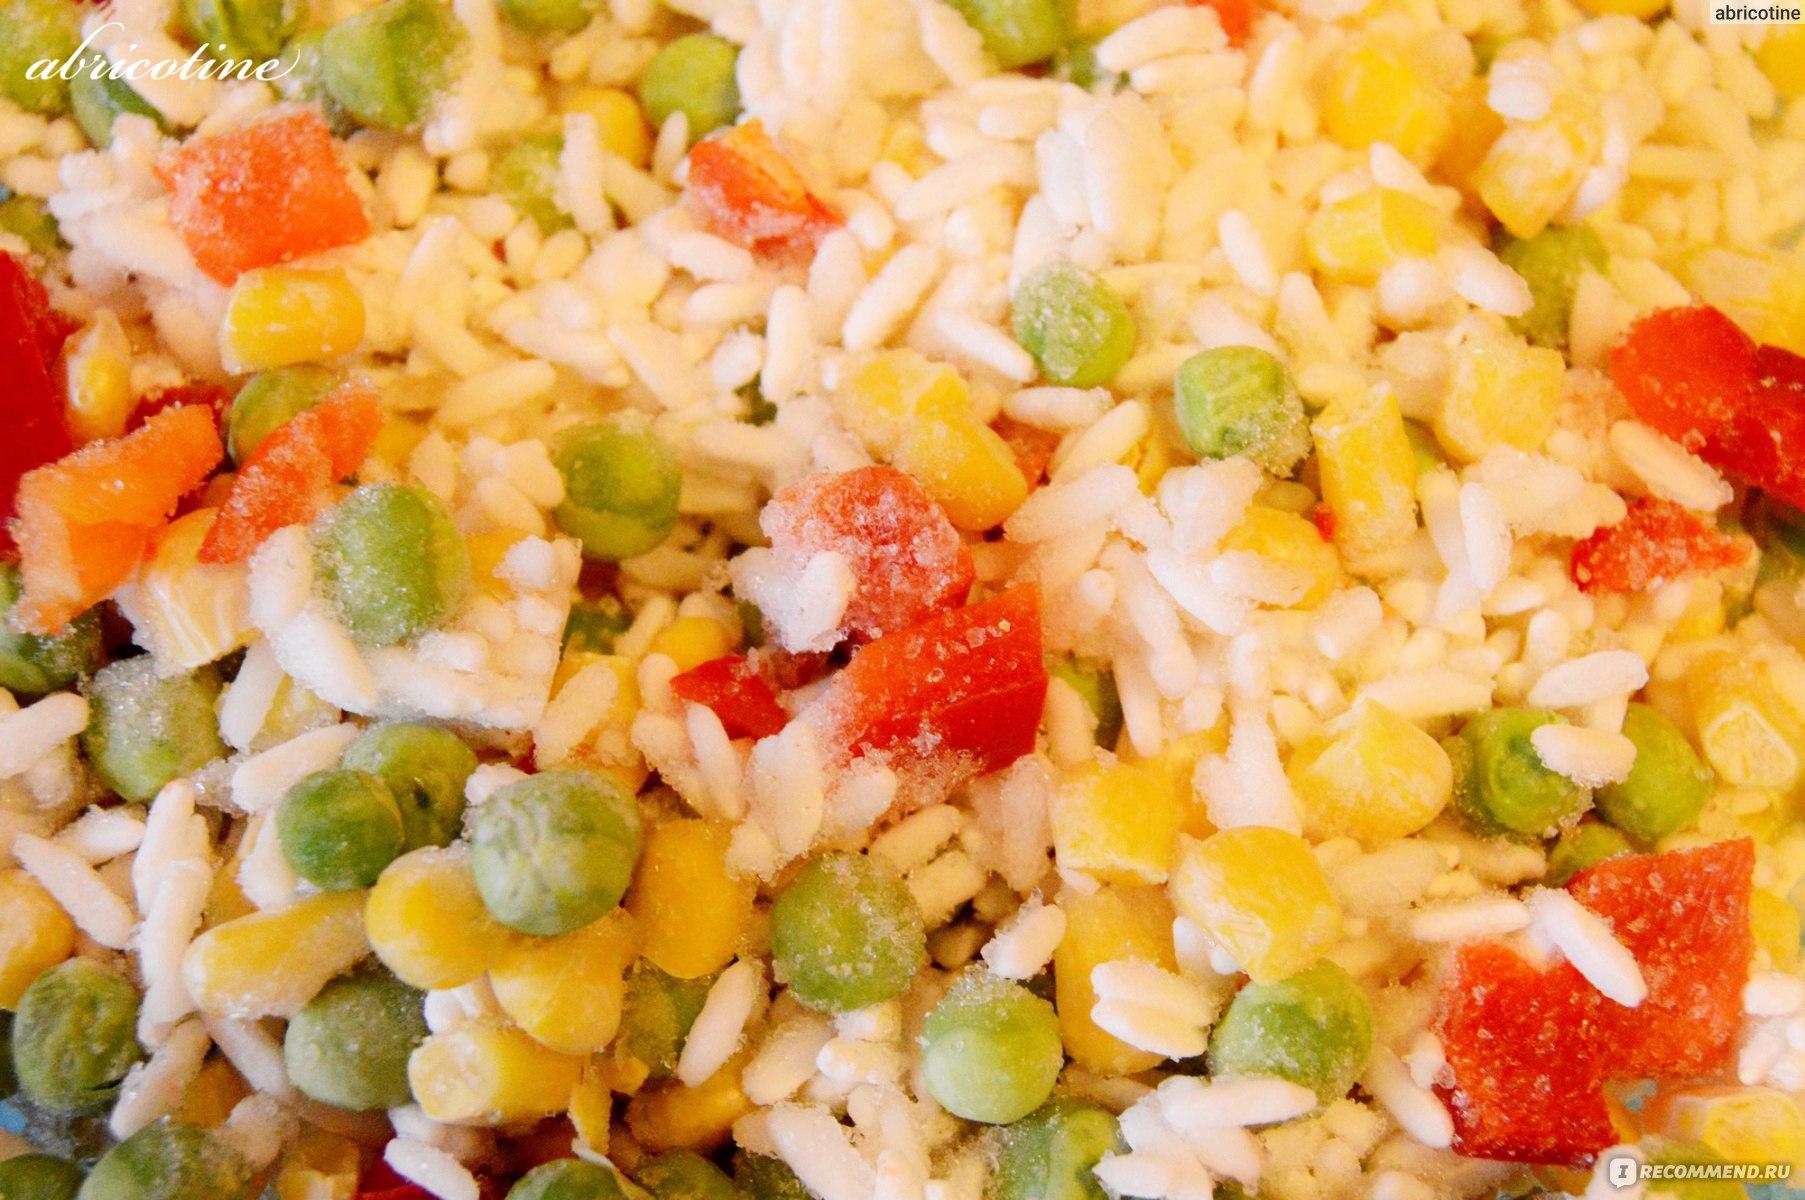 как приготовить гавайскую смесь замороженную с рисом